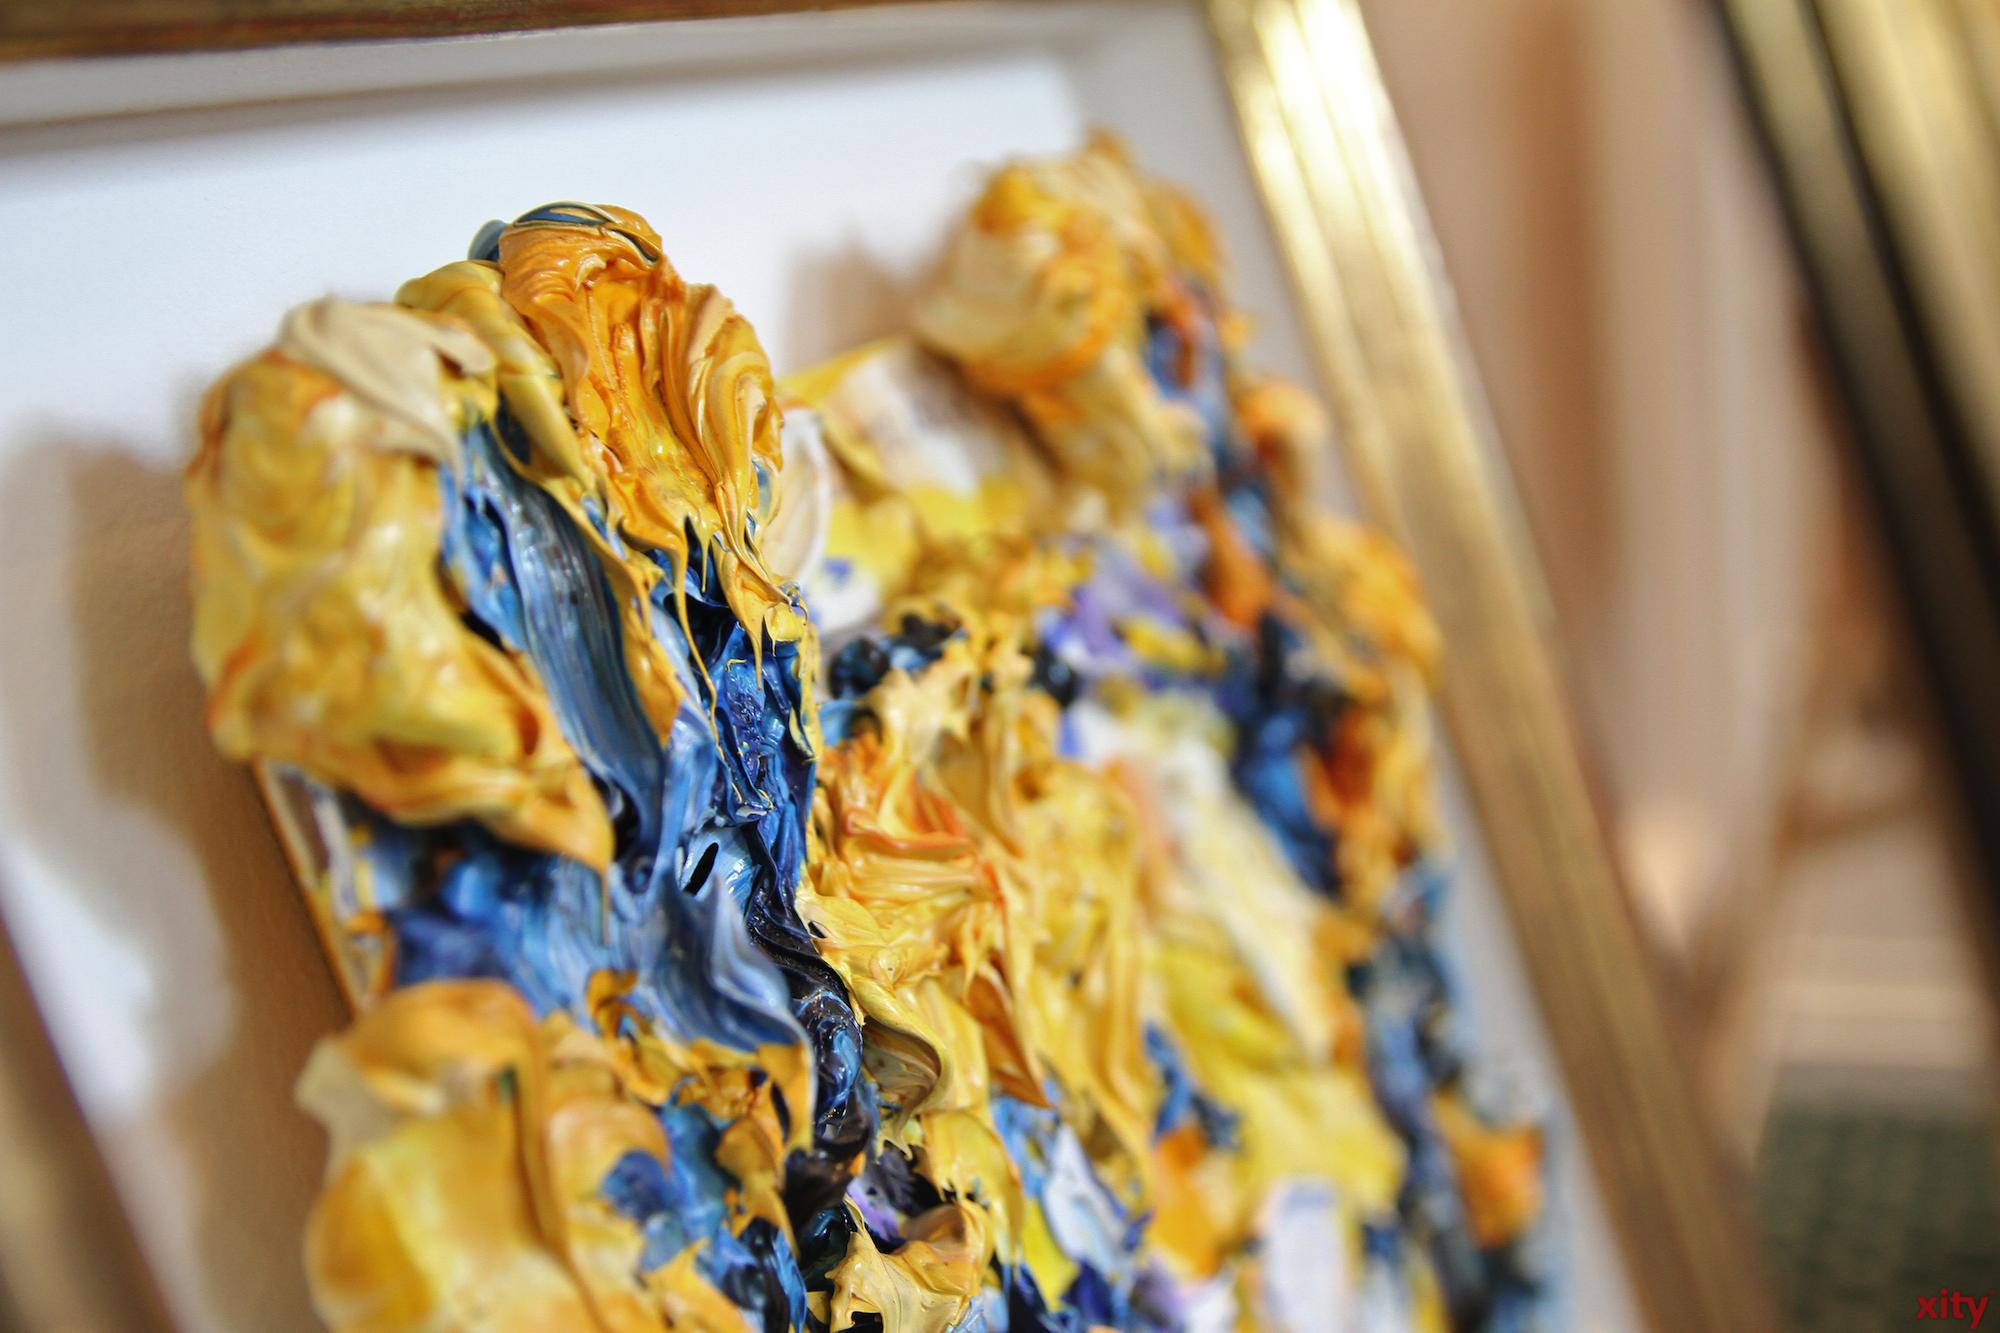 Die Malereien von Bernd Schwarzer sind plastisch und sehr dynamisch (Foto: xity)